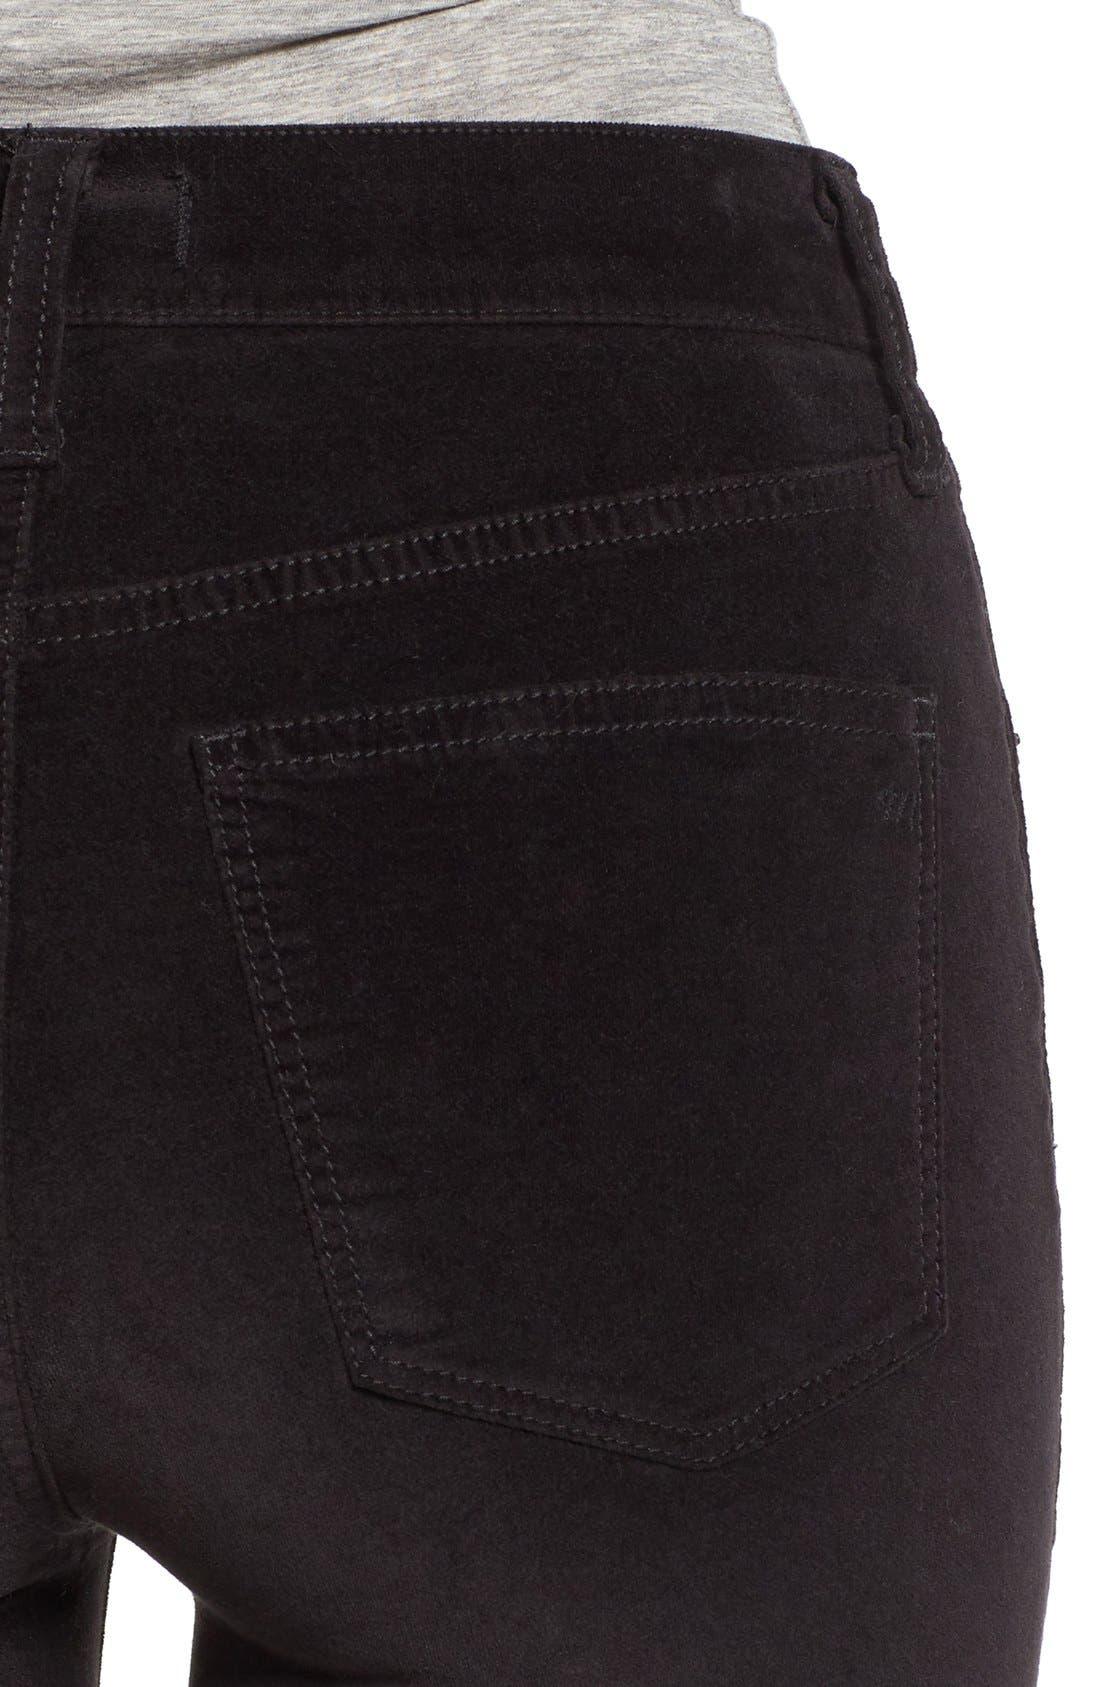 Alternate Image 4  - Madewell High Rise Velvet Skinny Jeans